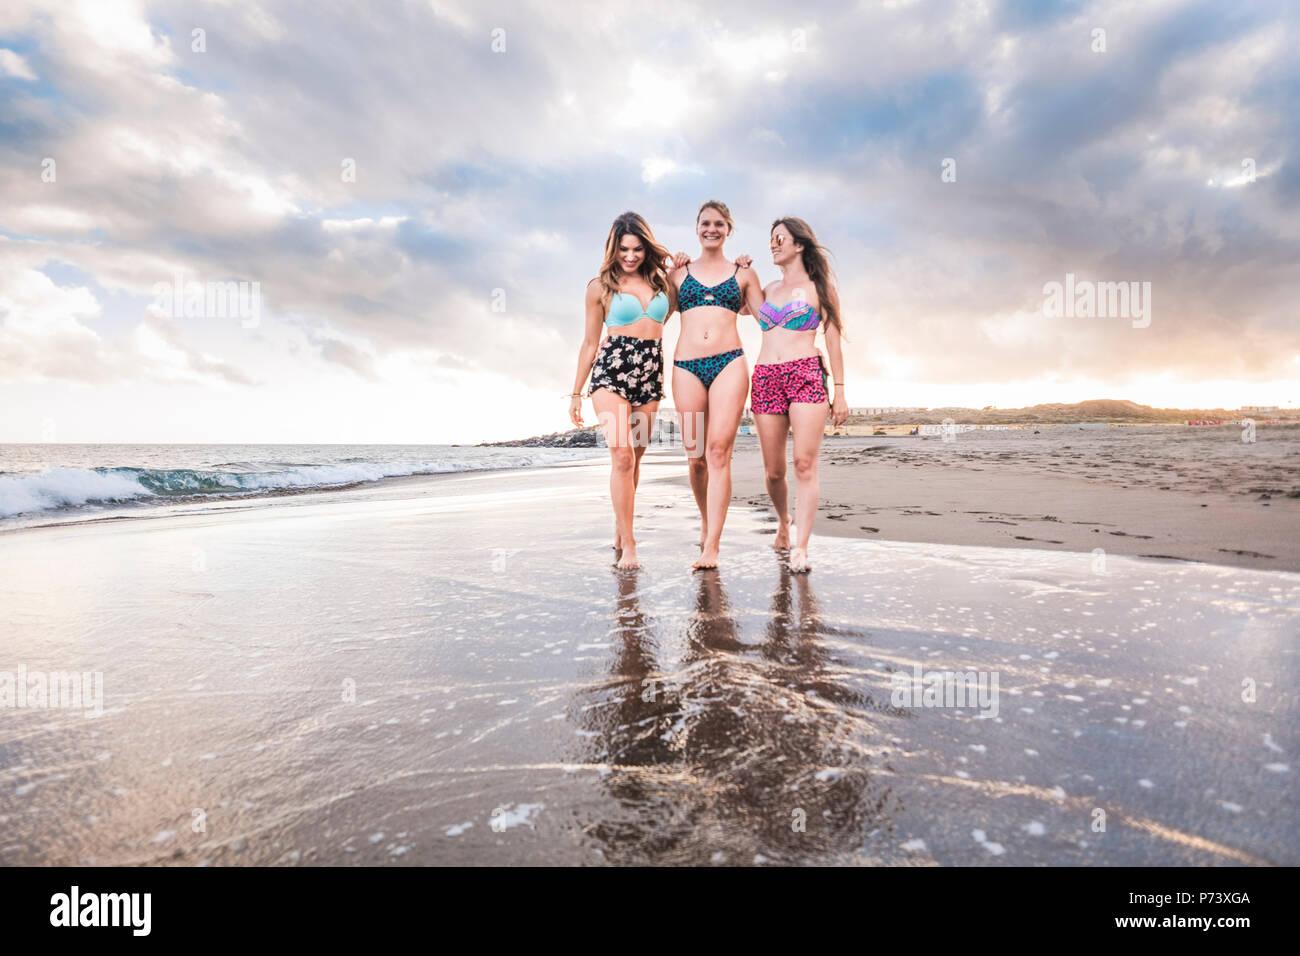 Trois belles jeunes femmes gaies chers balades dans l'amitié et d'avoir un temps agréable ensemble. Locations et caucasienne aux personnes bénéficiant d'un bonheur. Banque D'Images